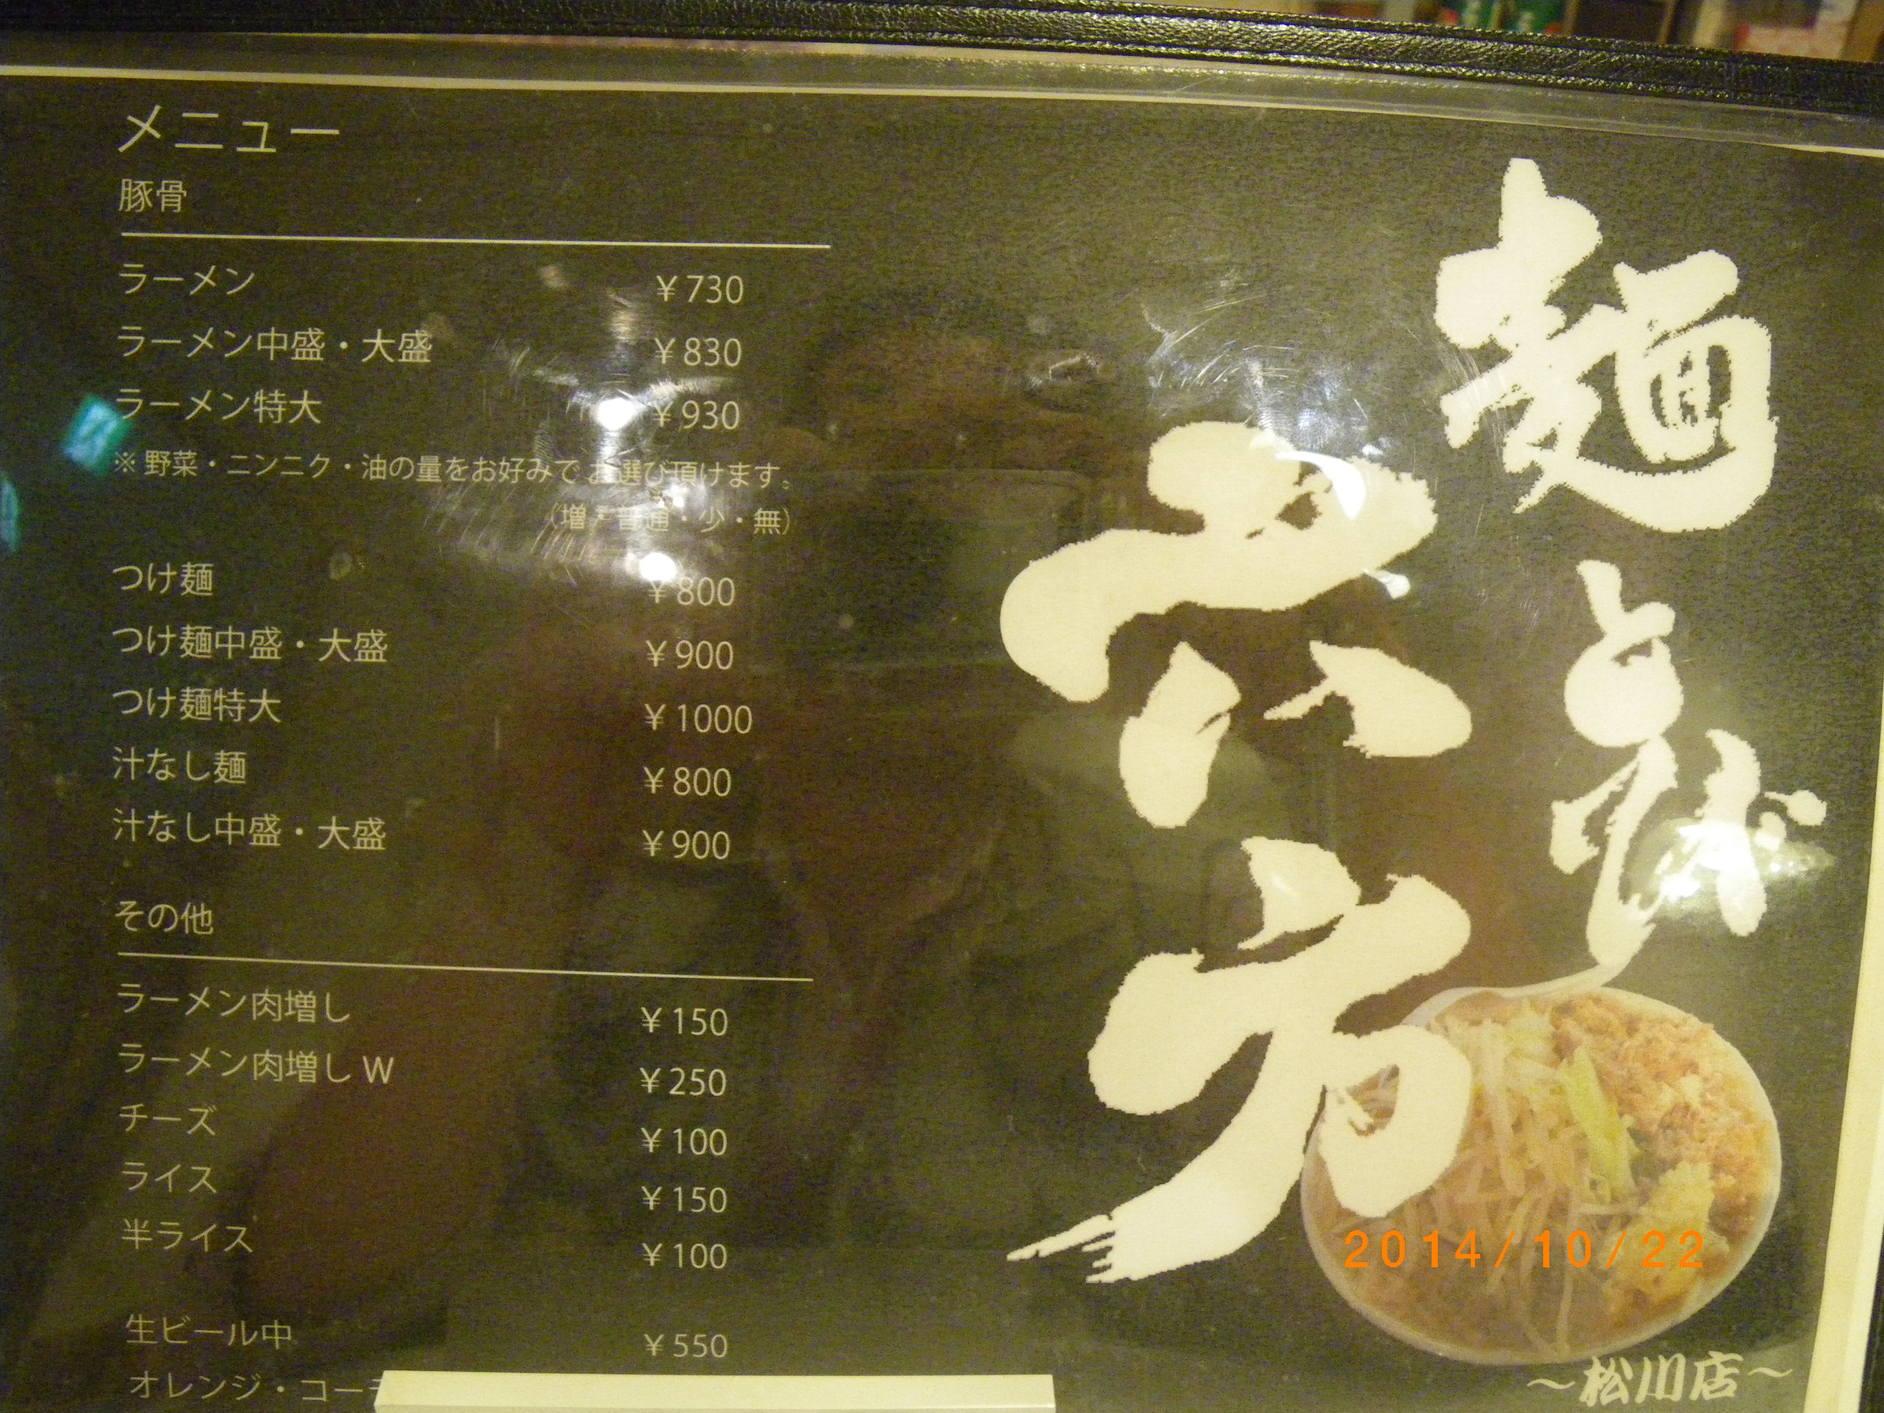 麺とび六方 松川店 name=